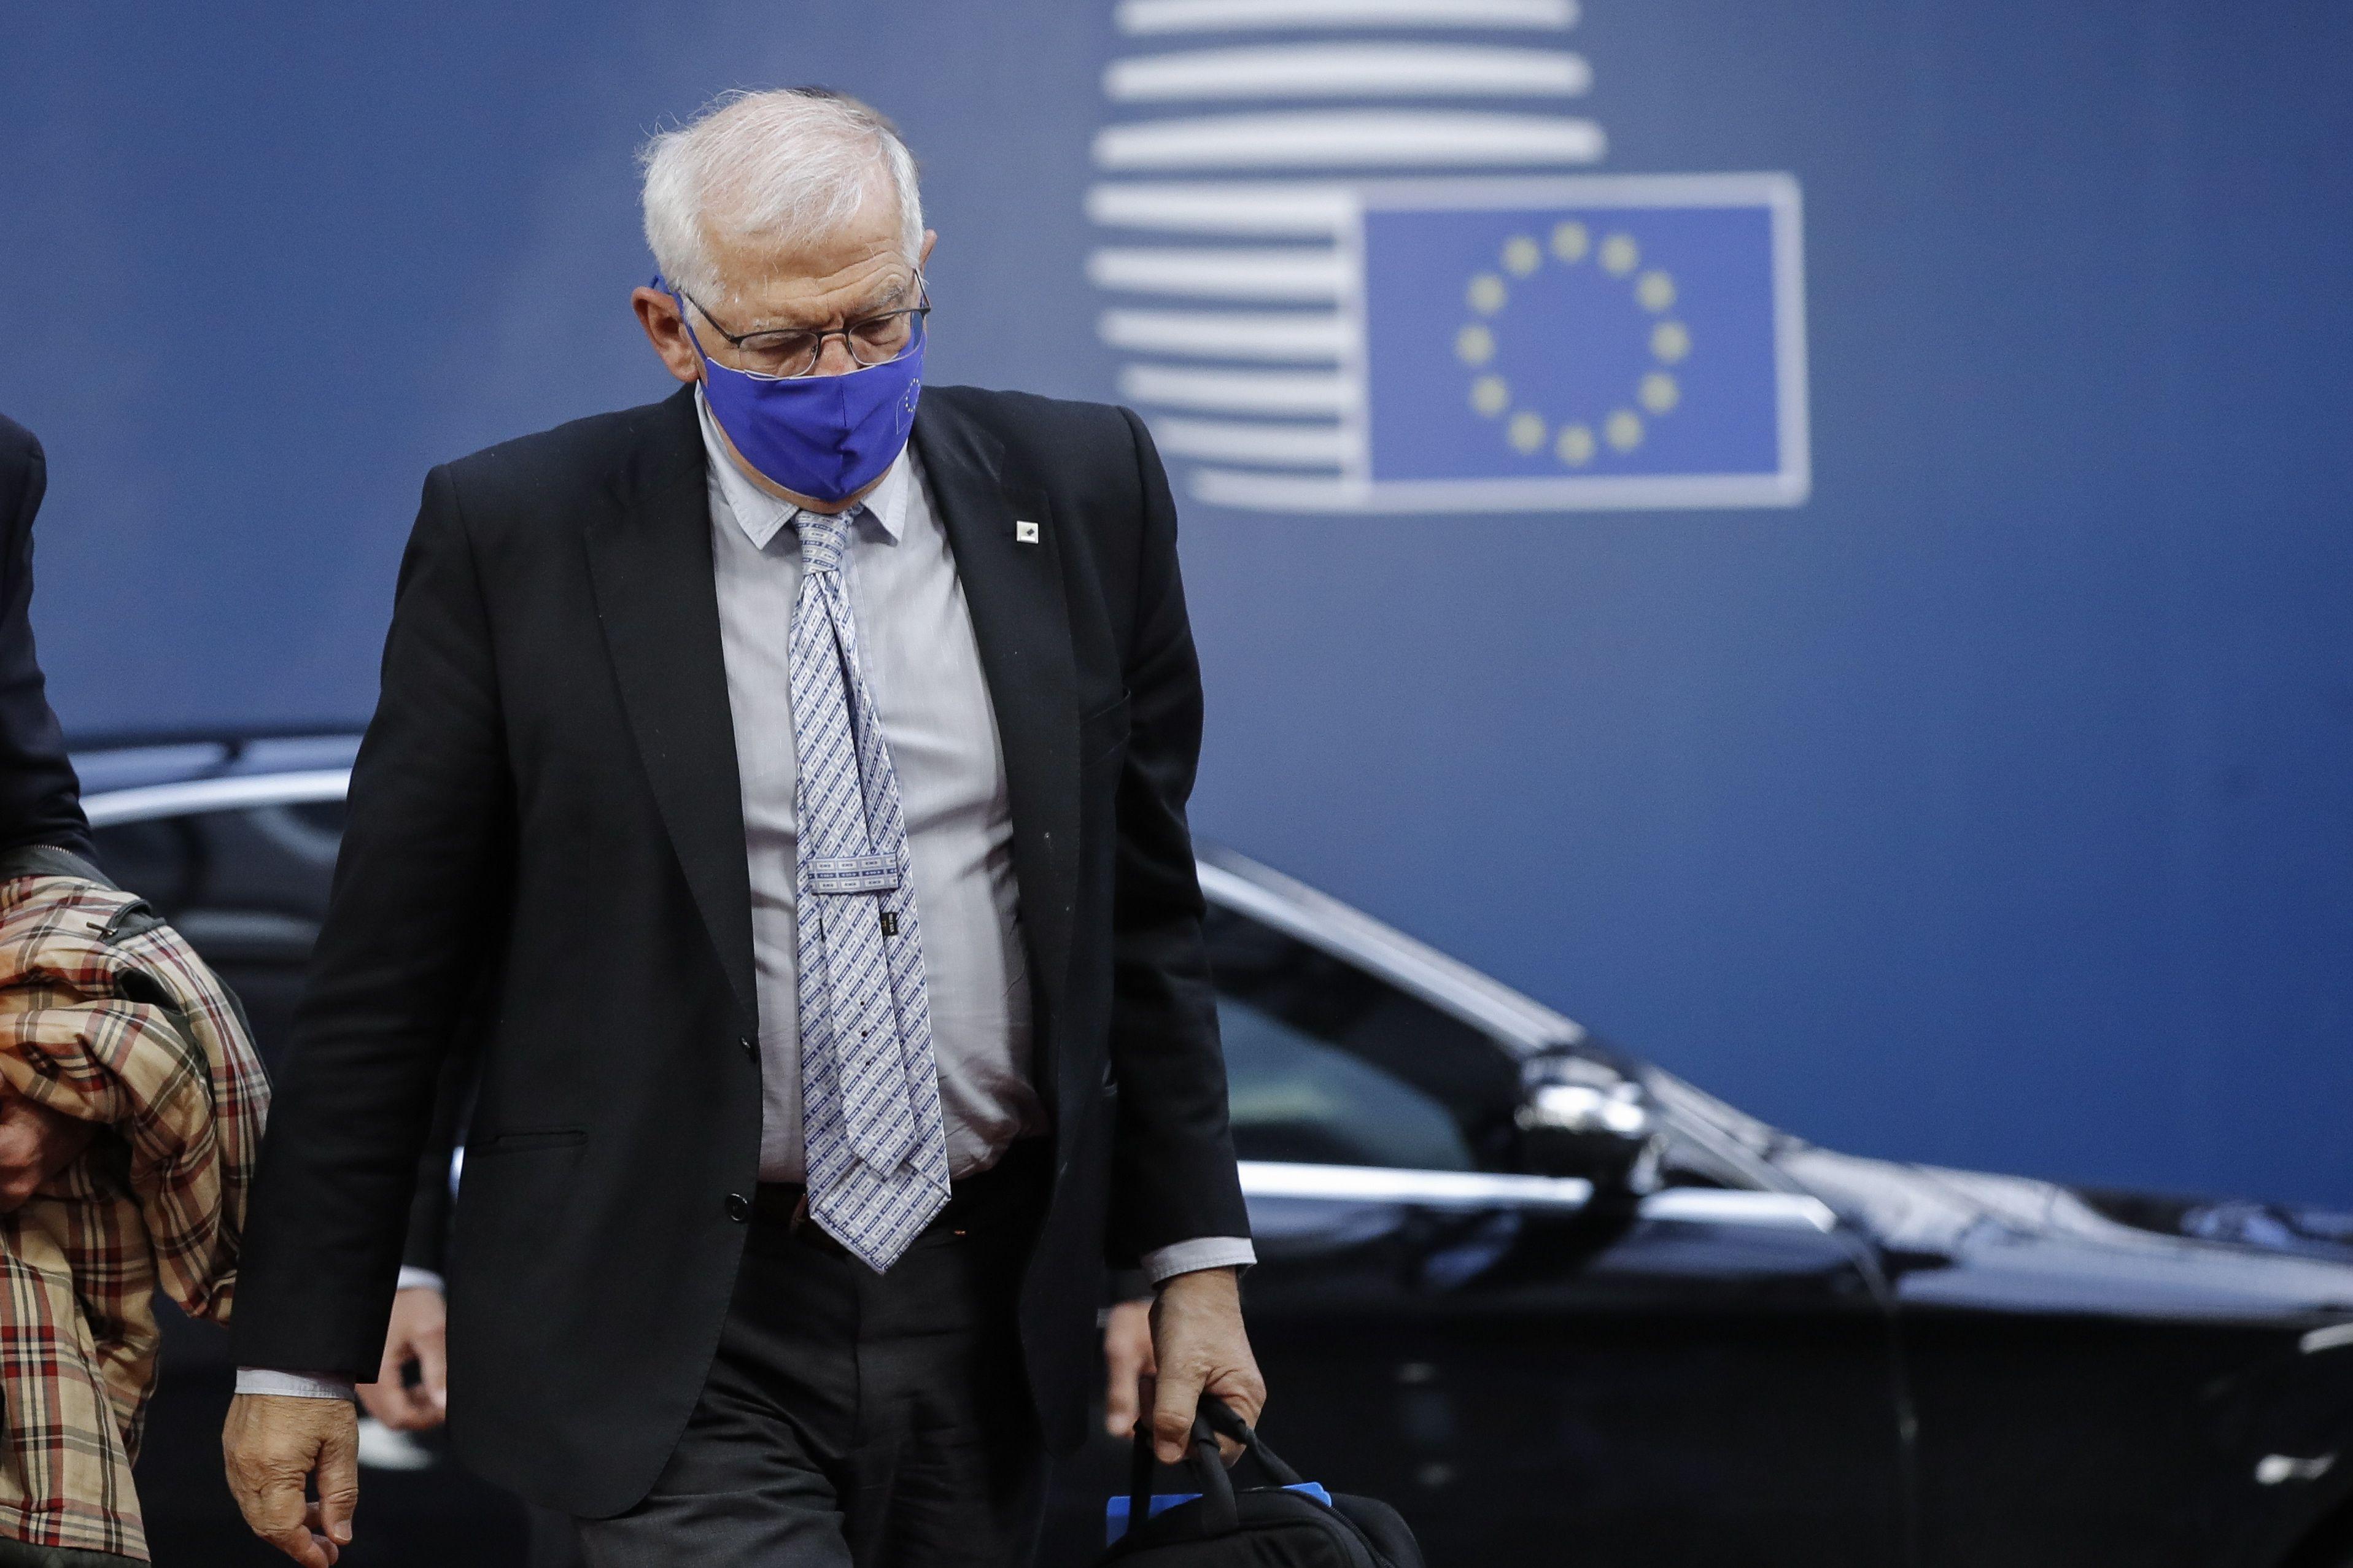 El alto representante de la Unión Europea (UE) para la Política Exterior, Josep Borrel. EFE/EPA/OLIVIER HOSLET / Archivo